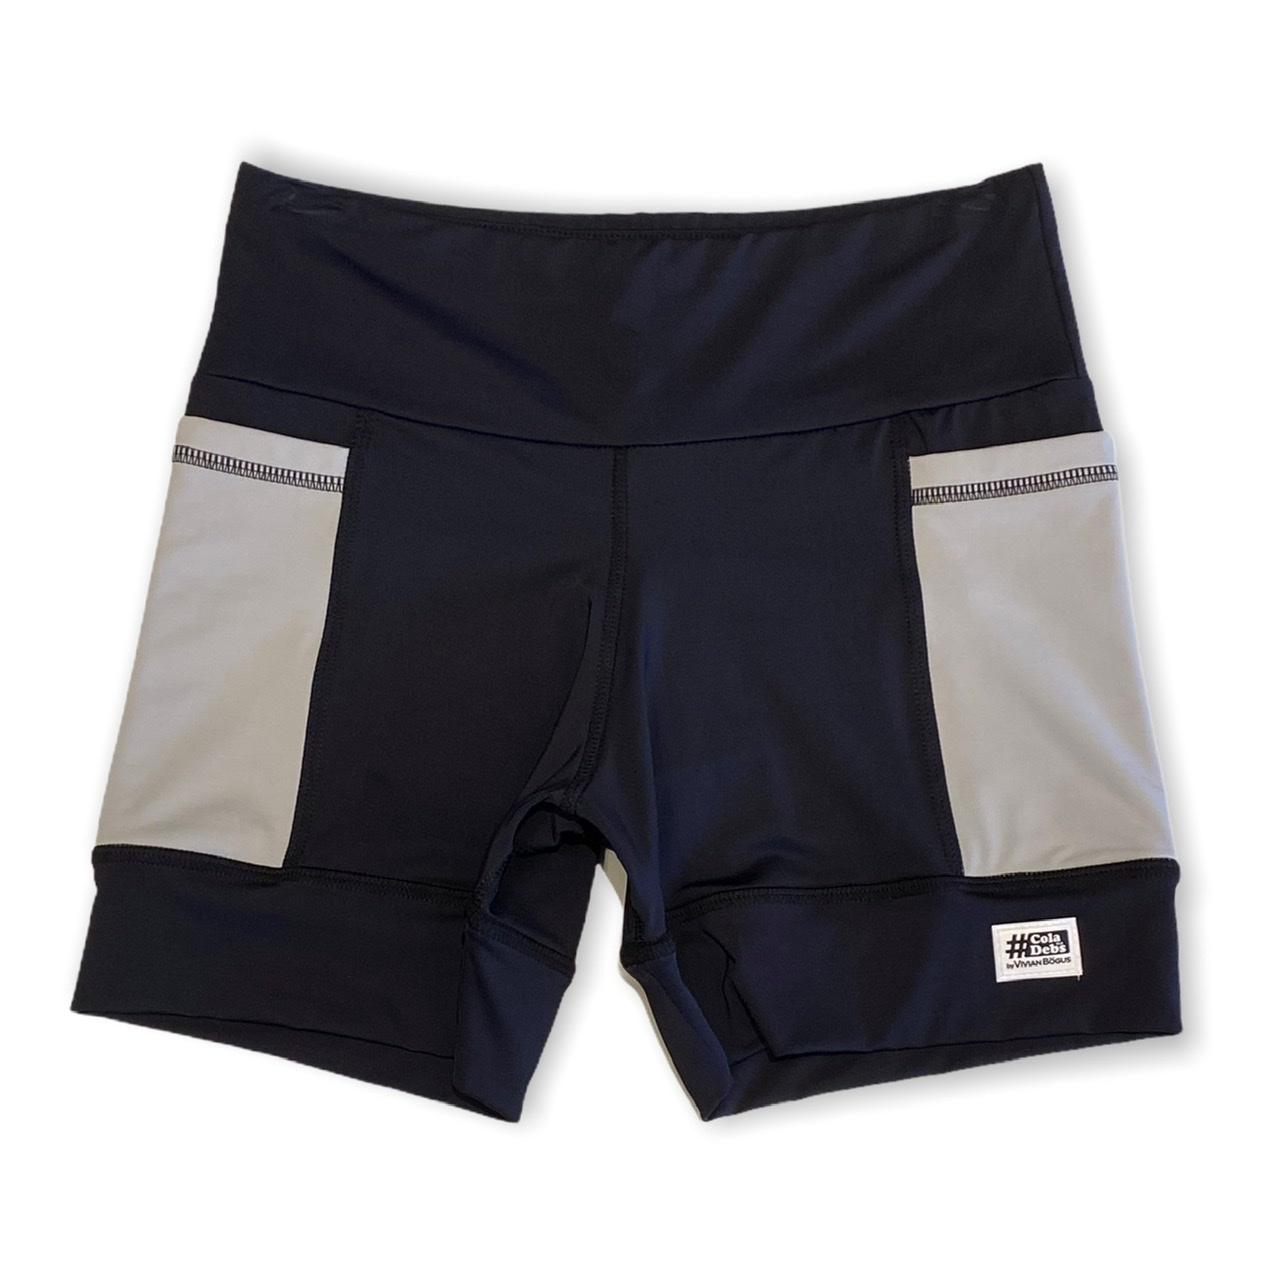 Shorts de compressão 2 bolsos laterais Square em sportiva preto bolso cinza claro